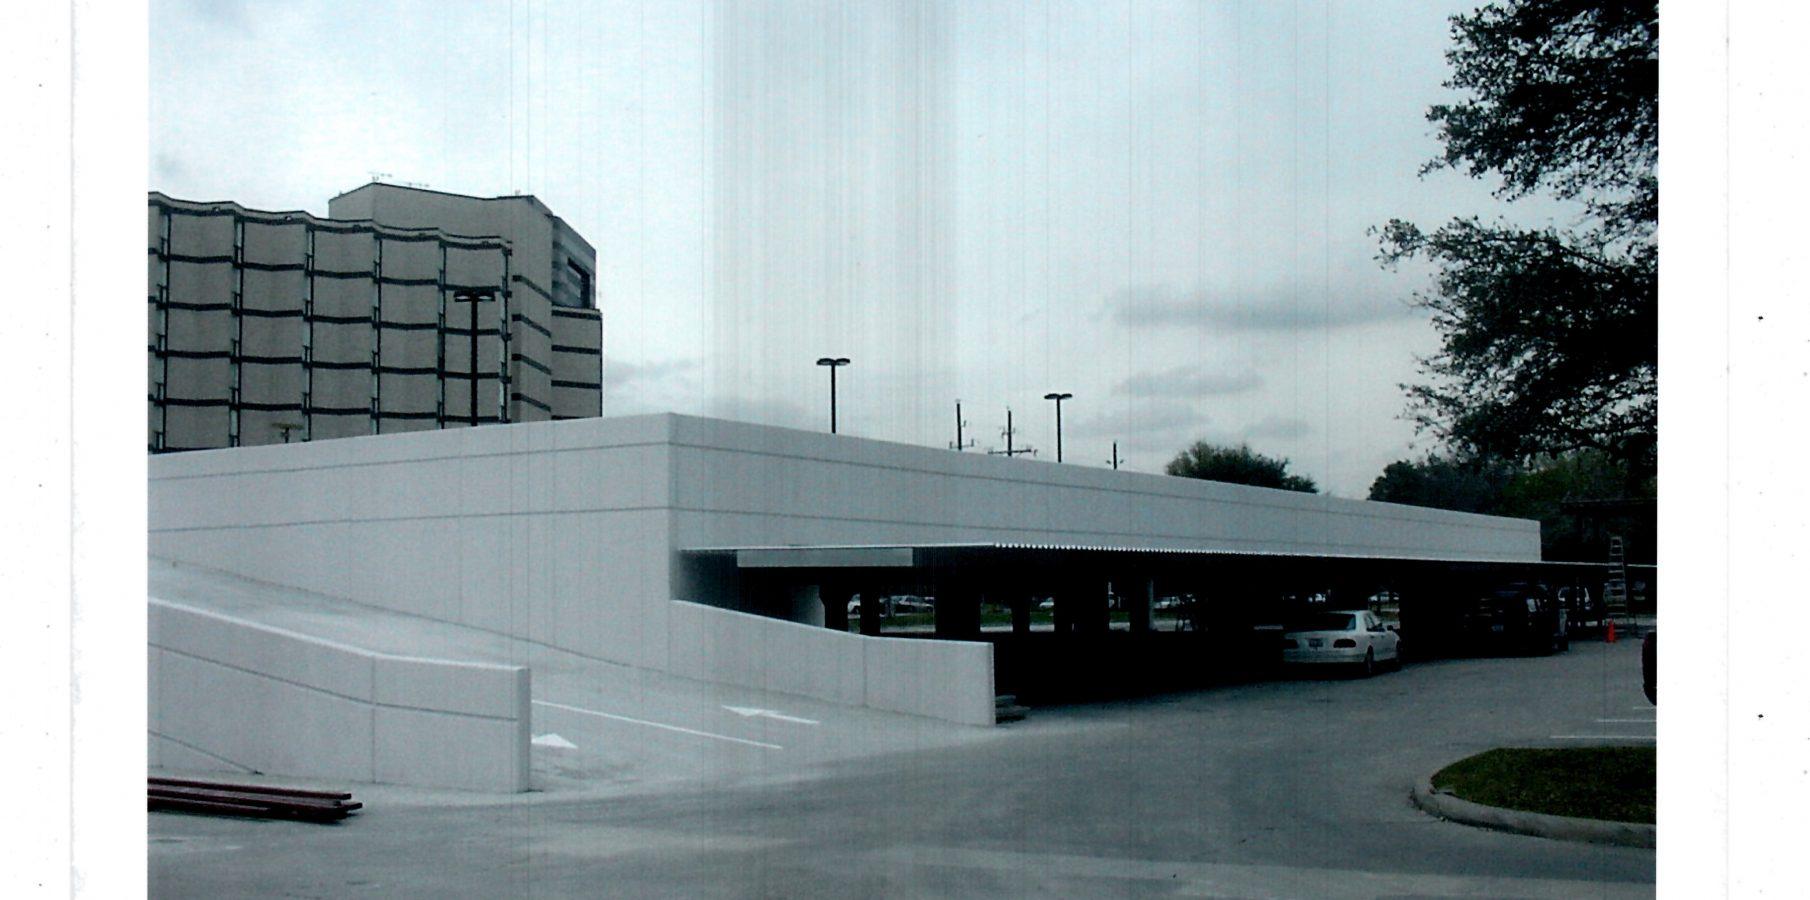 Hotel Sofitel Parking Garage